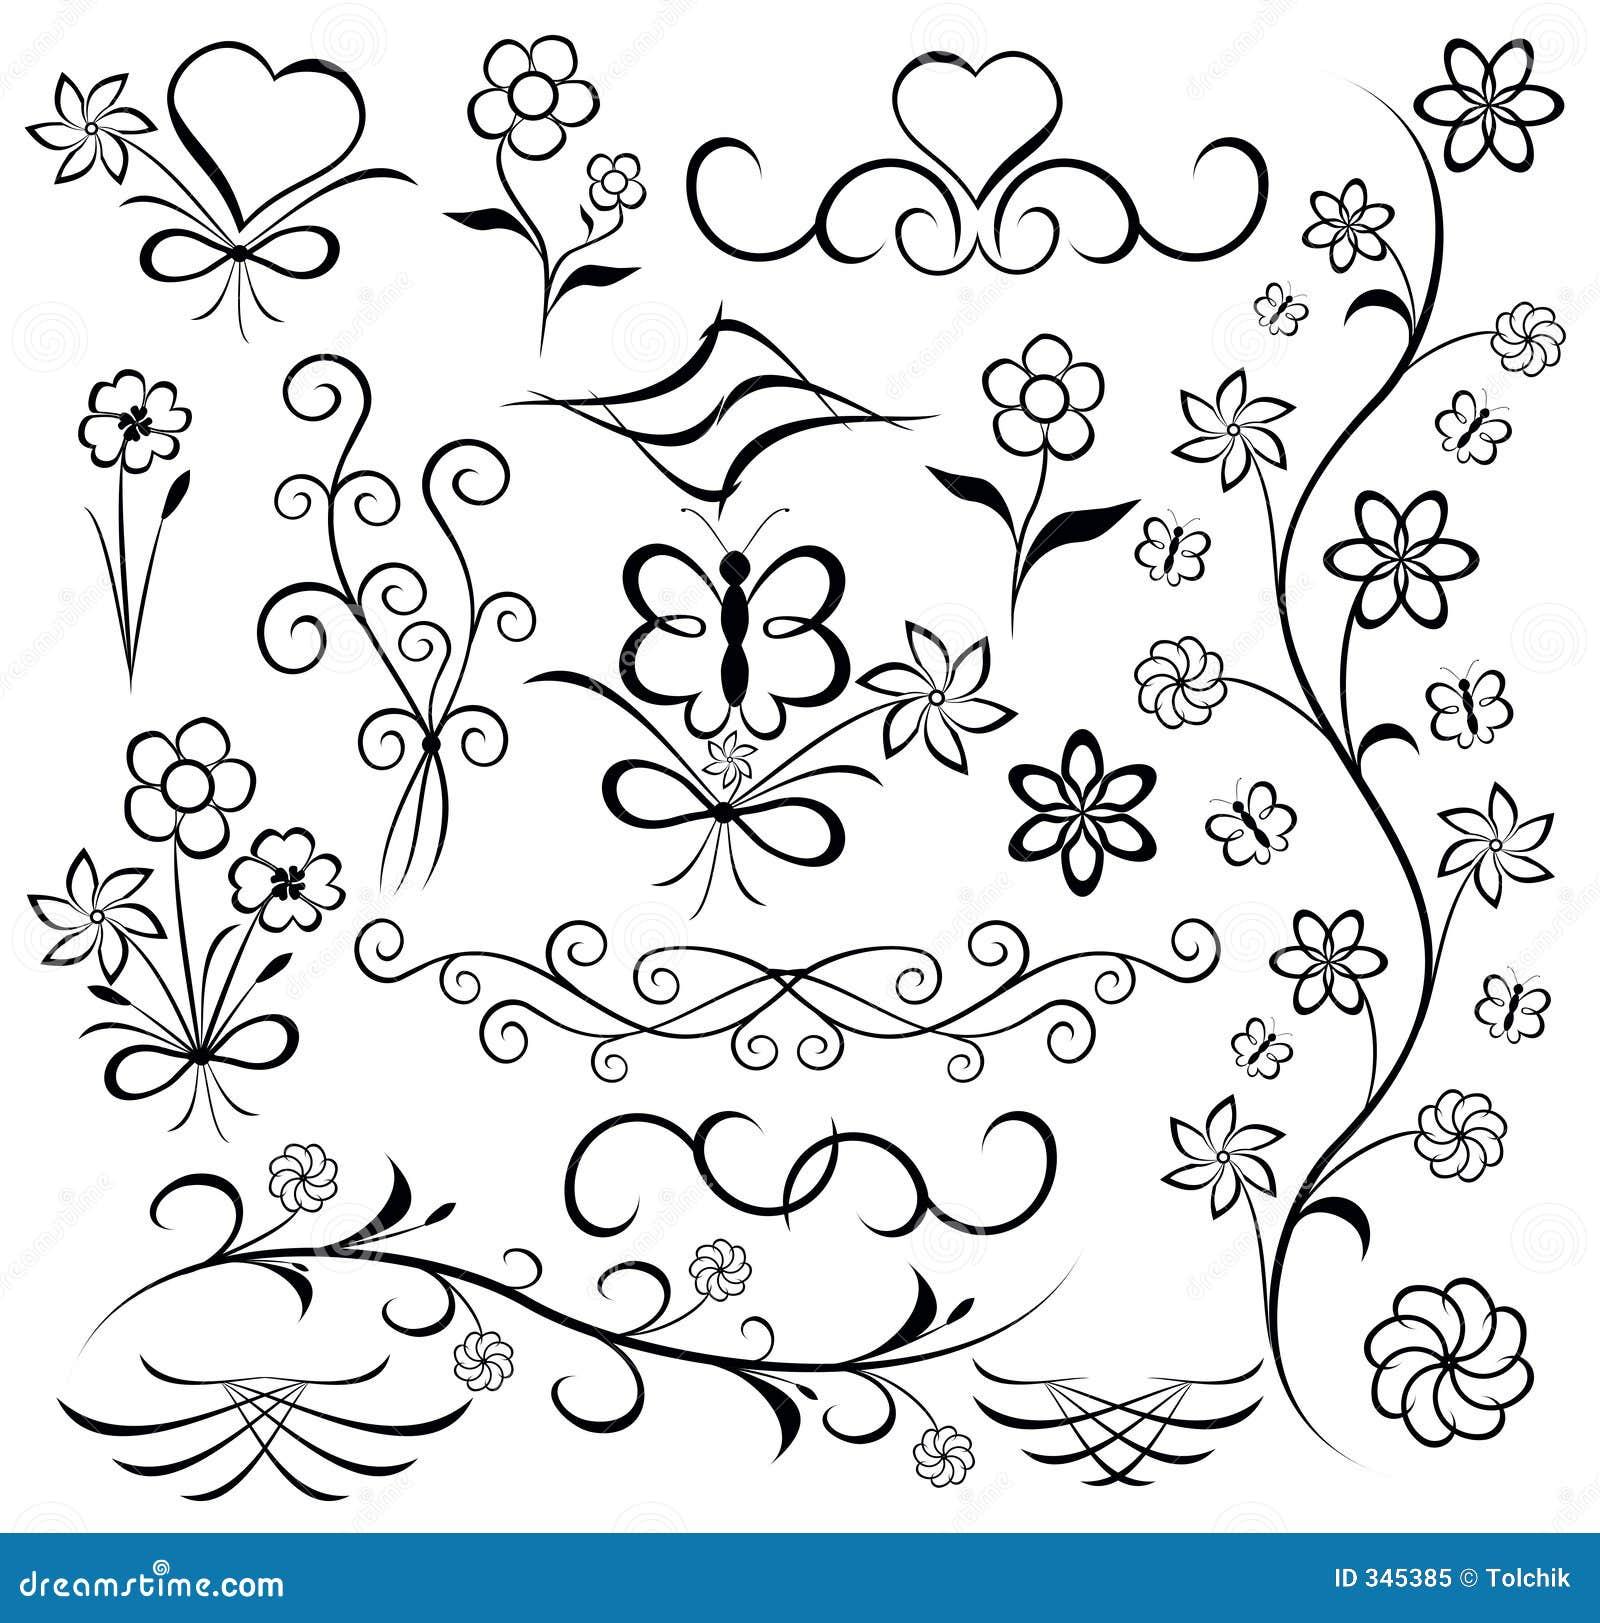 Elemente für Auslegung (Blume, Basisrecheneinheit, Inneres), Vektor